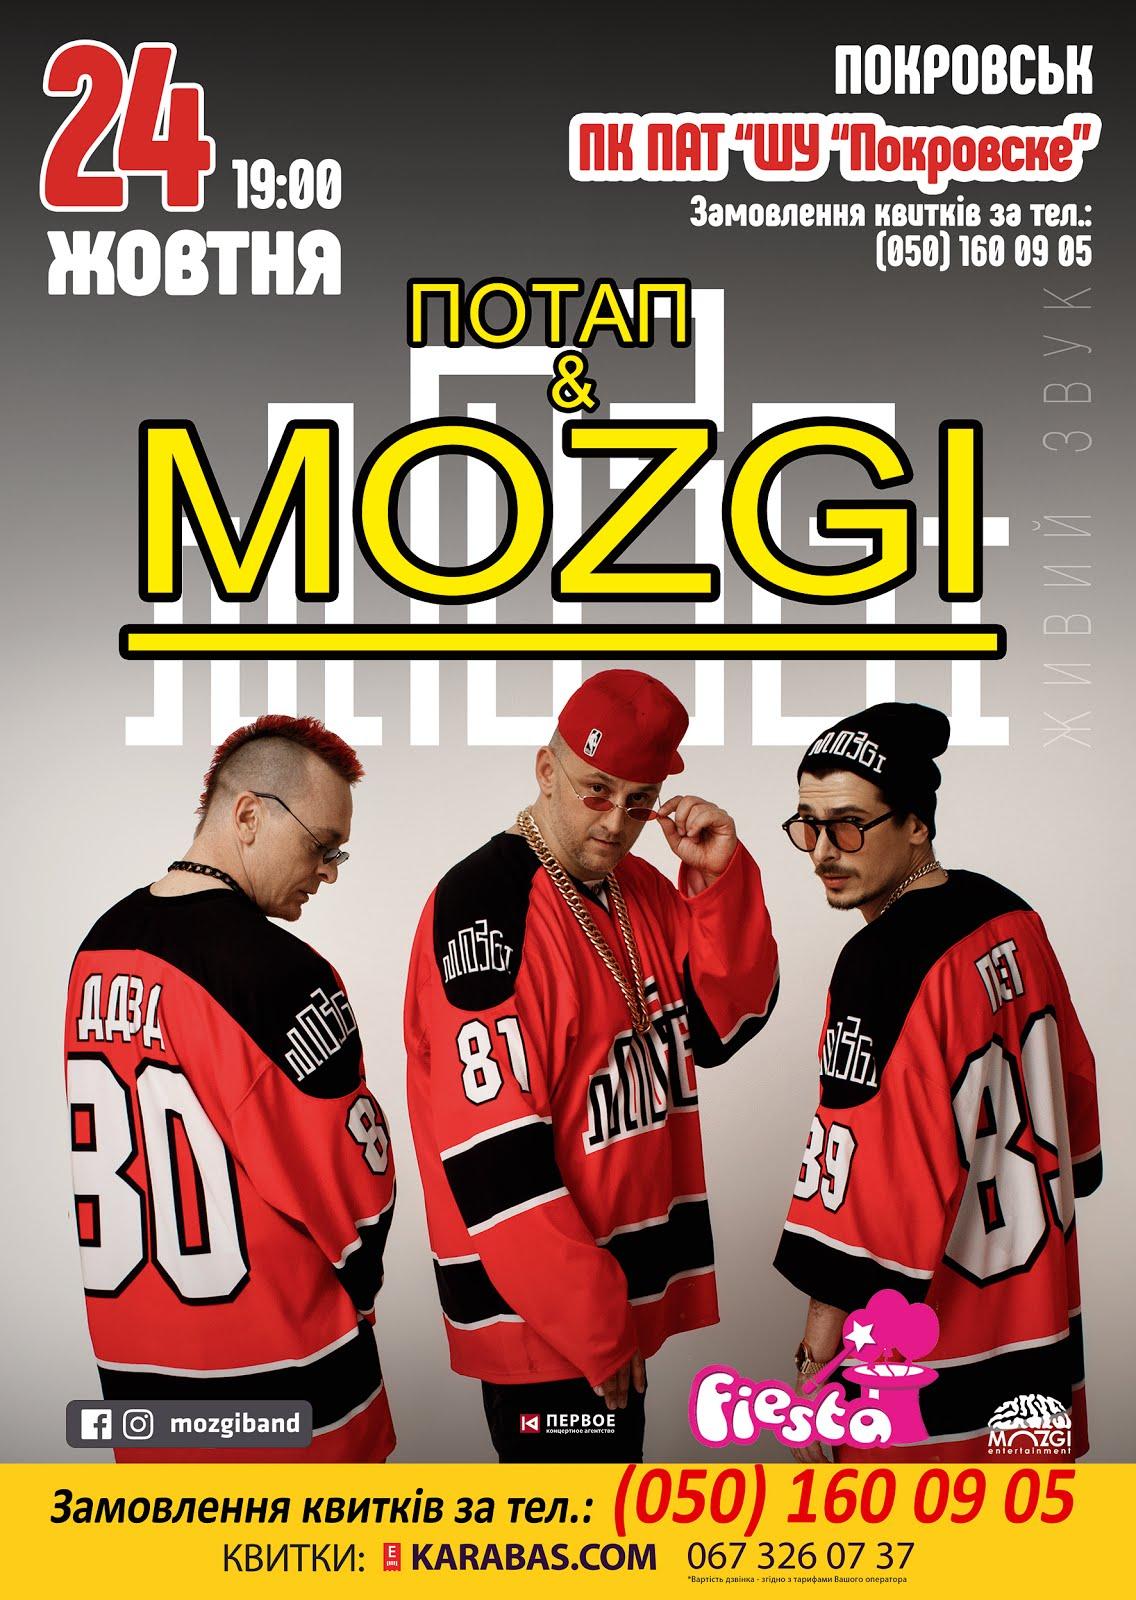 Грандиозный концерт в Покровске!